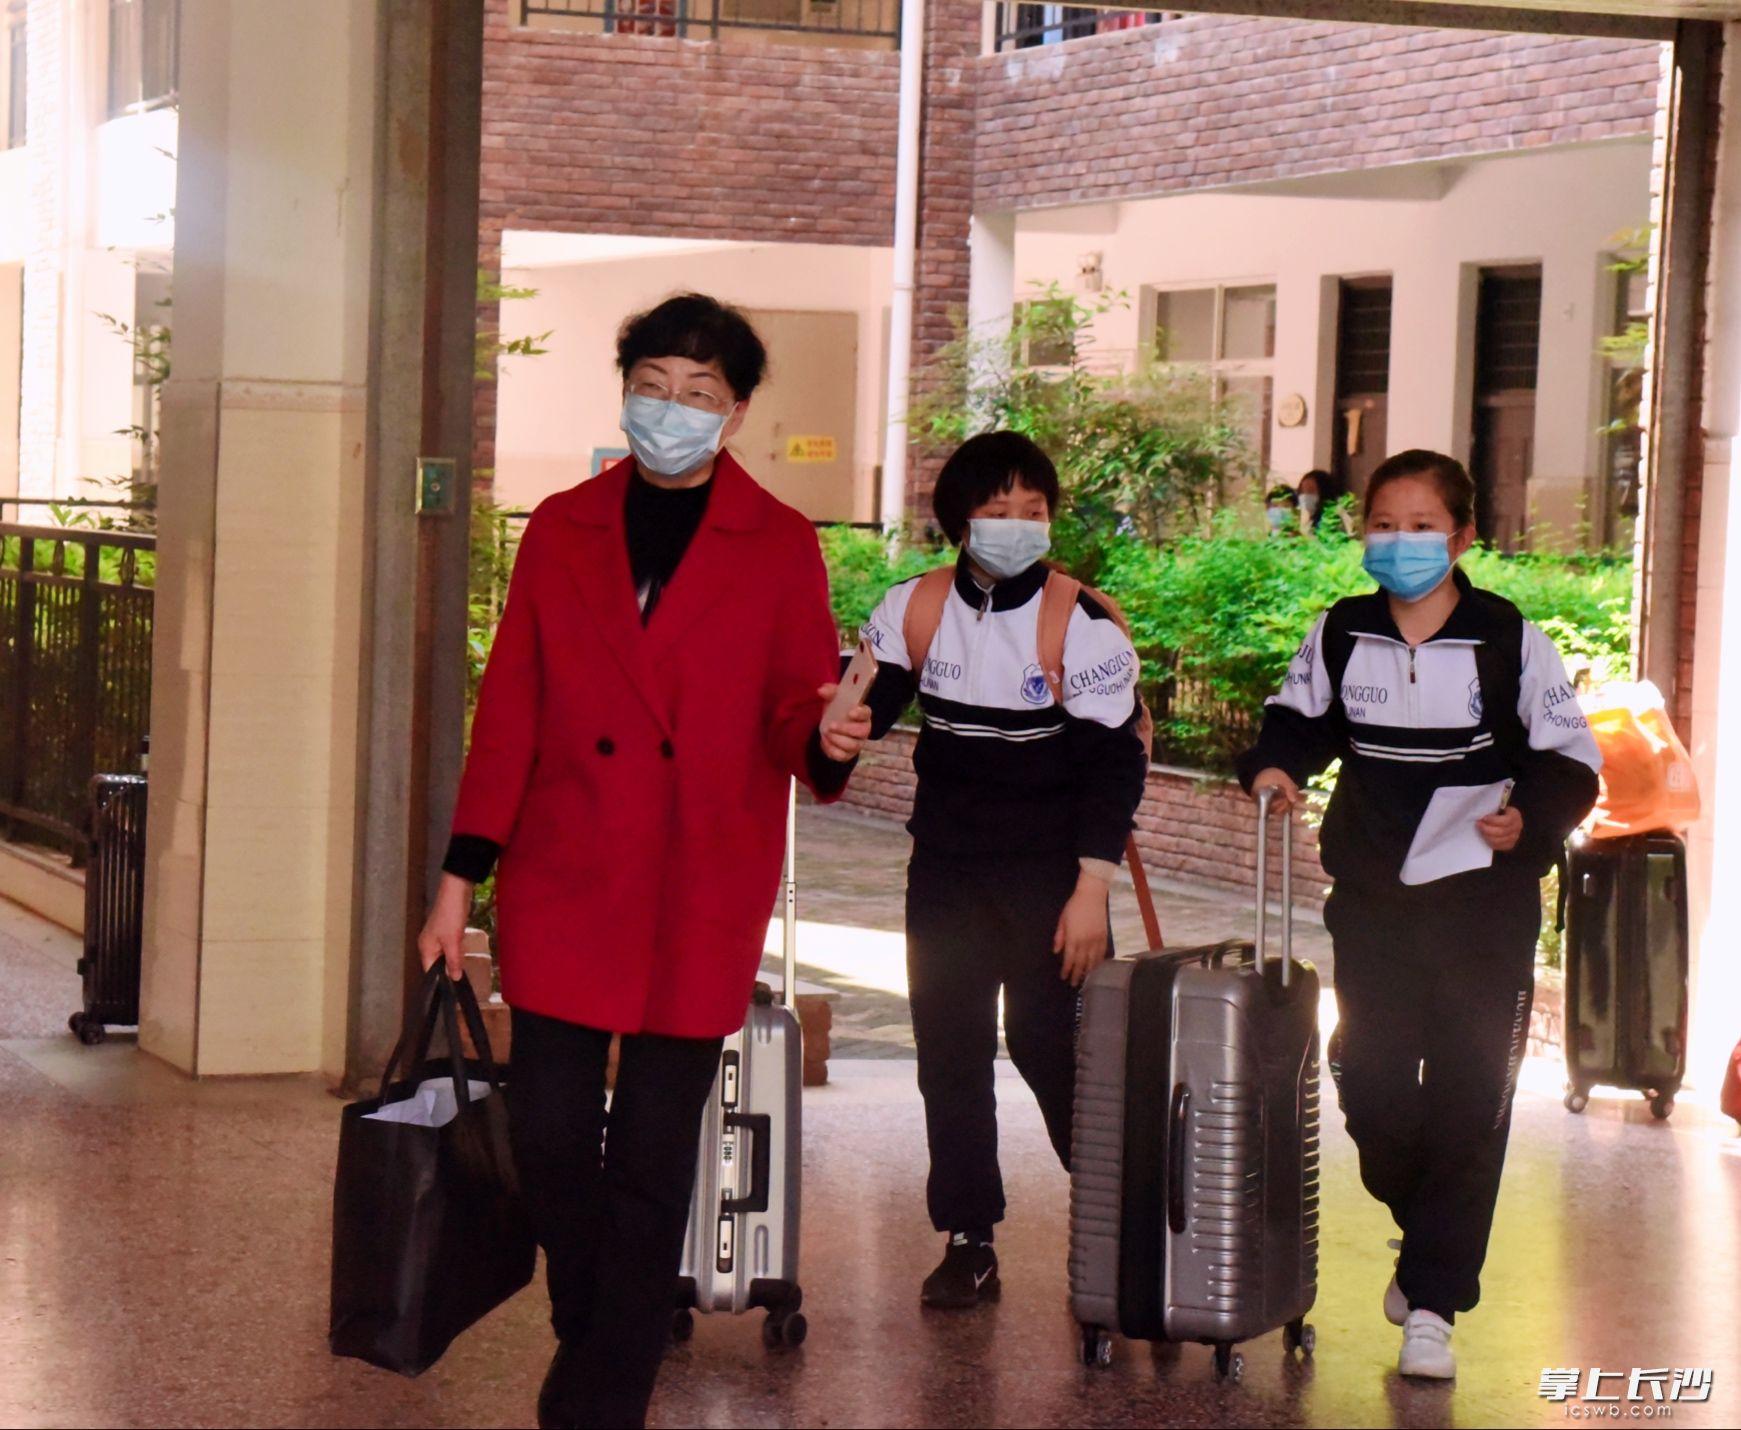 湘郡未来实验学校校长高晓苏在帮学生运送行李。长沙晚报通讯员胡思摄